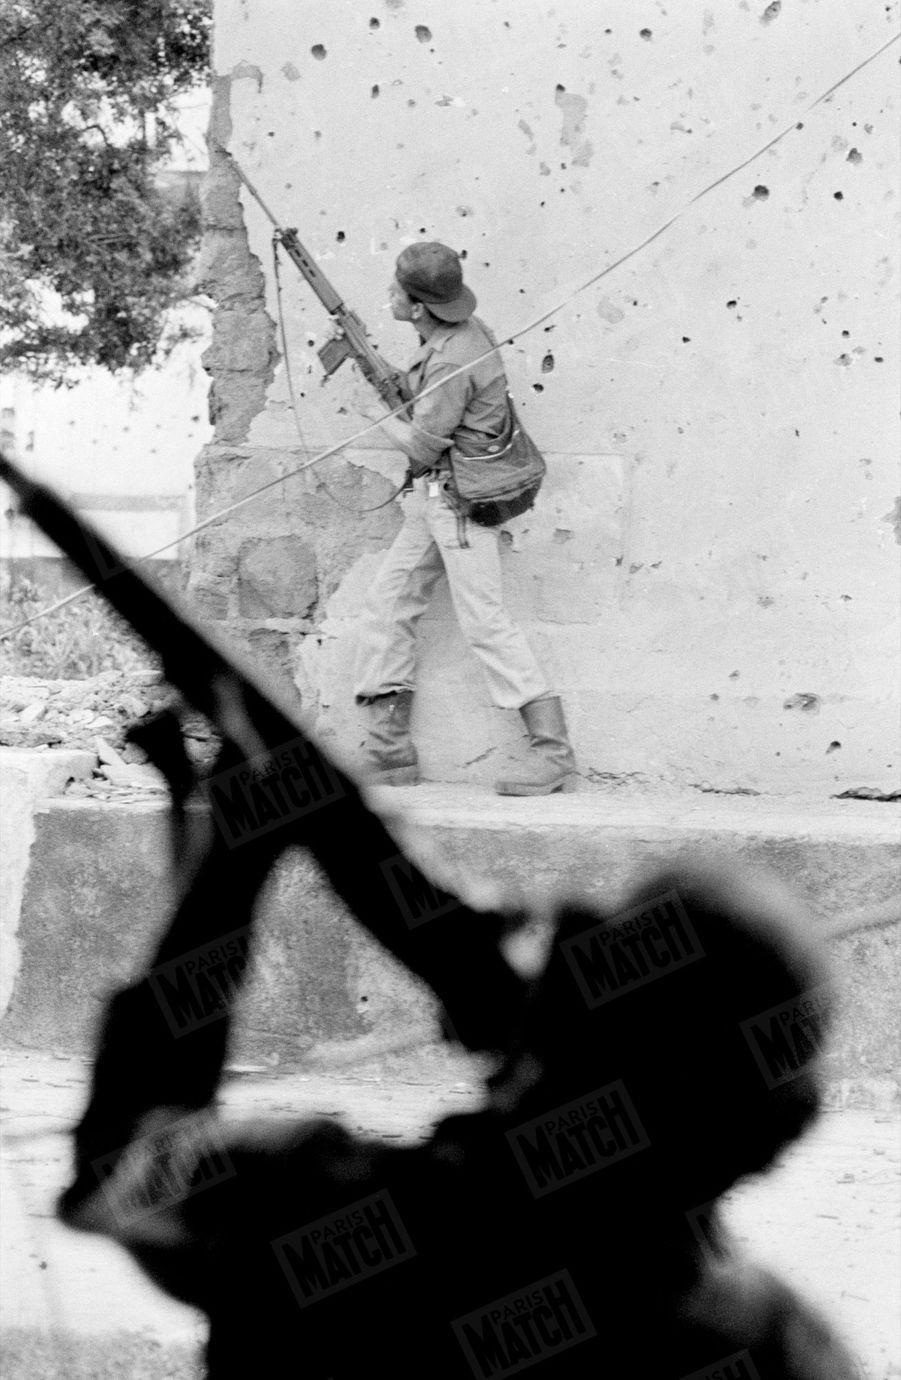 «Salves des guérilleros sur avion gouvernemental qui mitraille et bombarde systématiquement les rues de Léon. » - Paris Match n°1571, 6 juillet 1979